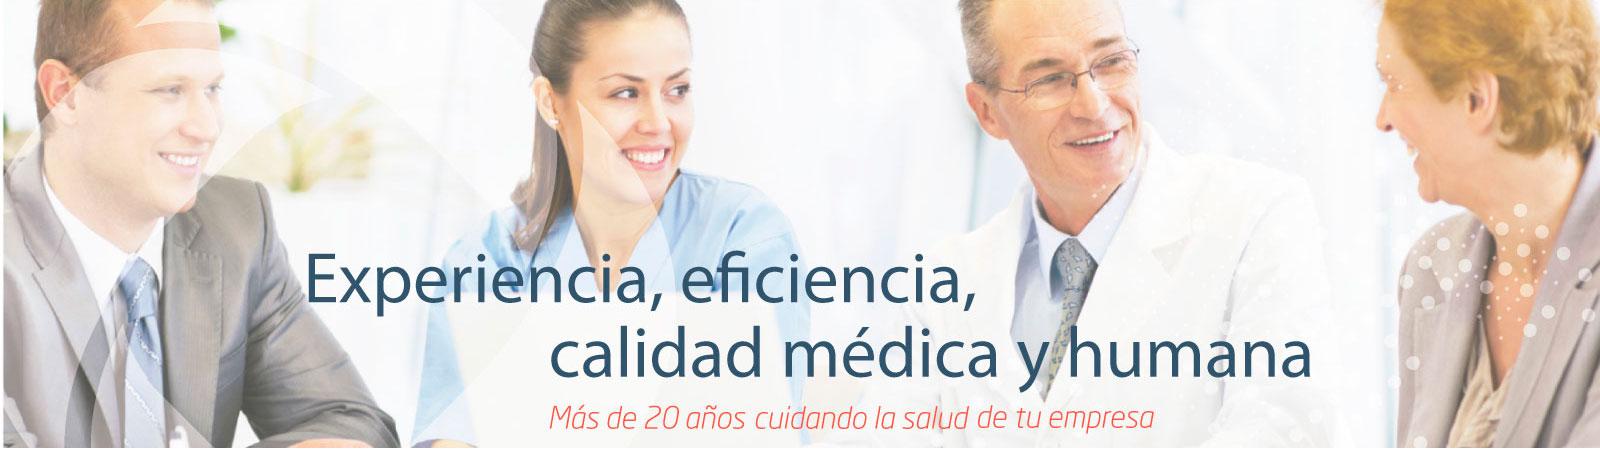 Más de 20 años cuidando la salud de tu empresa